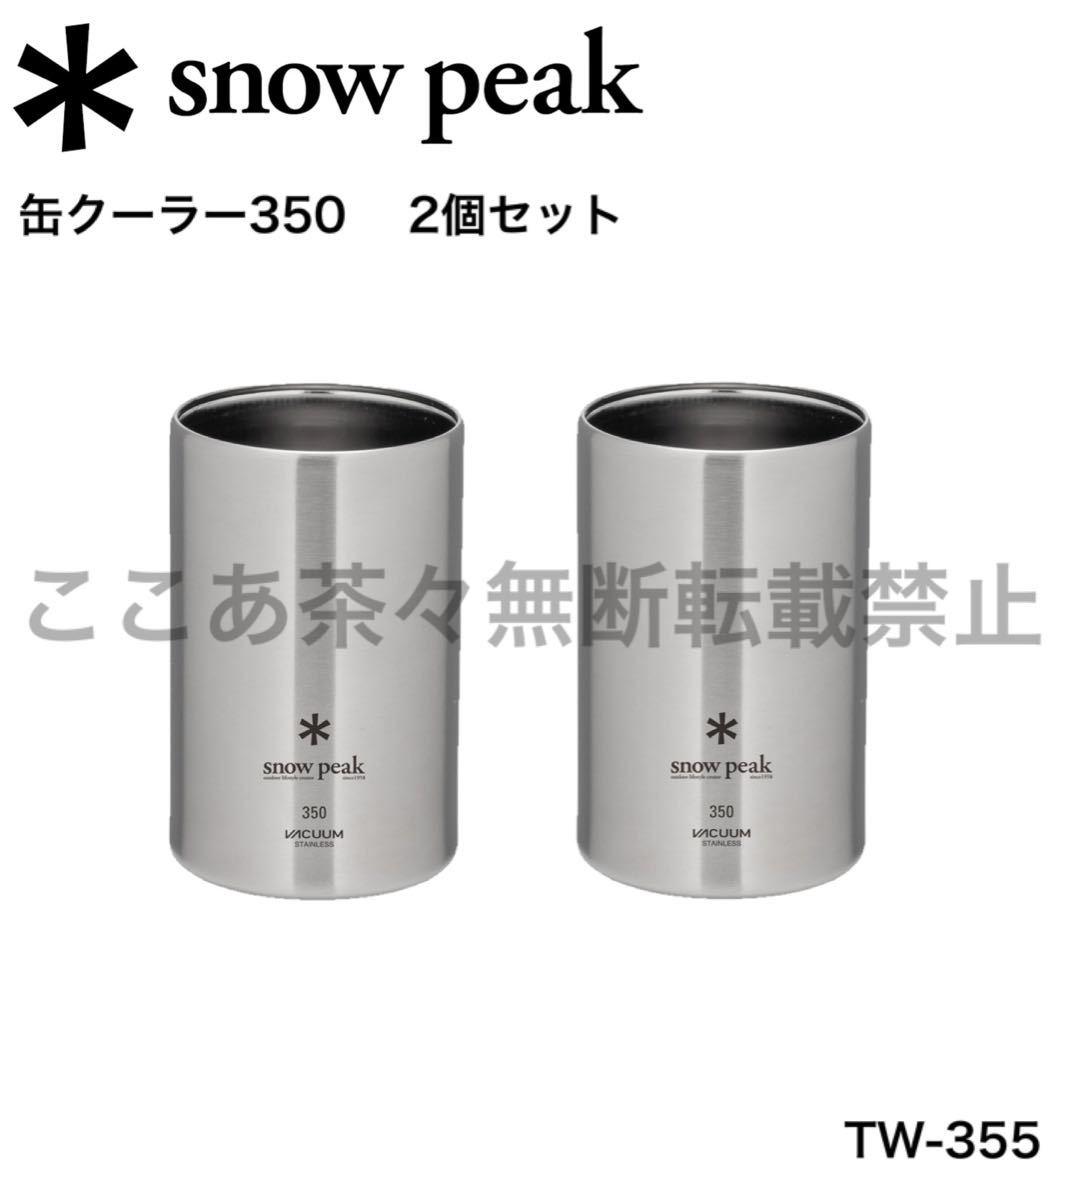 スノーピーク(snow peak)缶クーラー350 2個セット TW-355